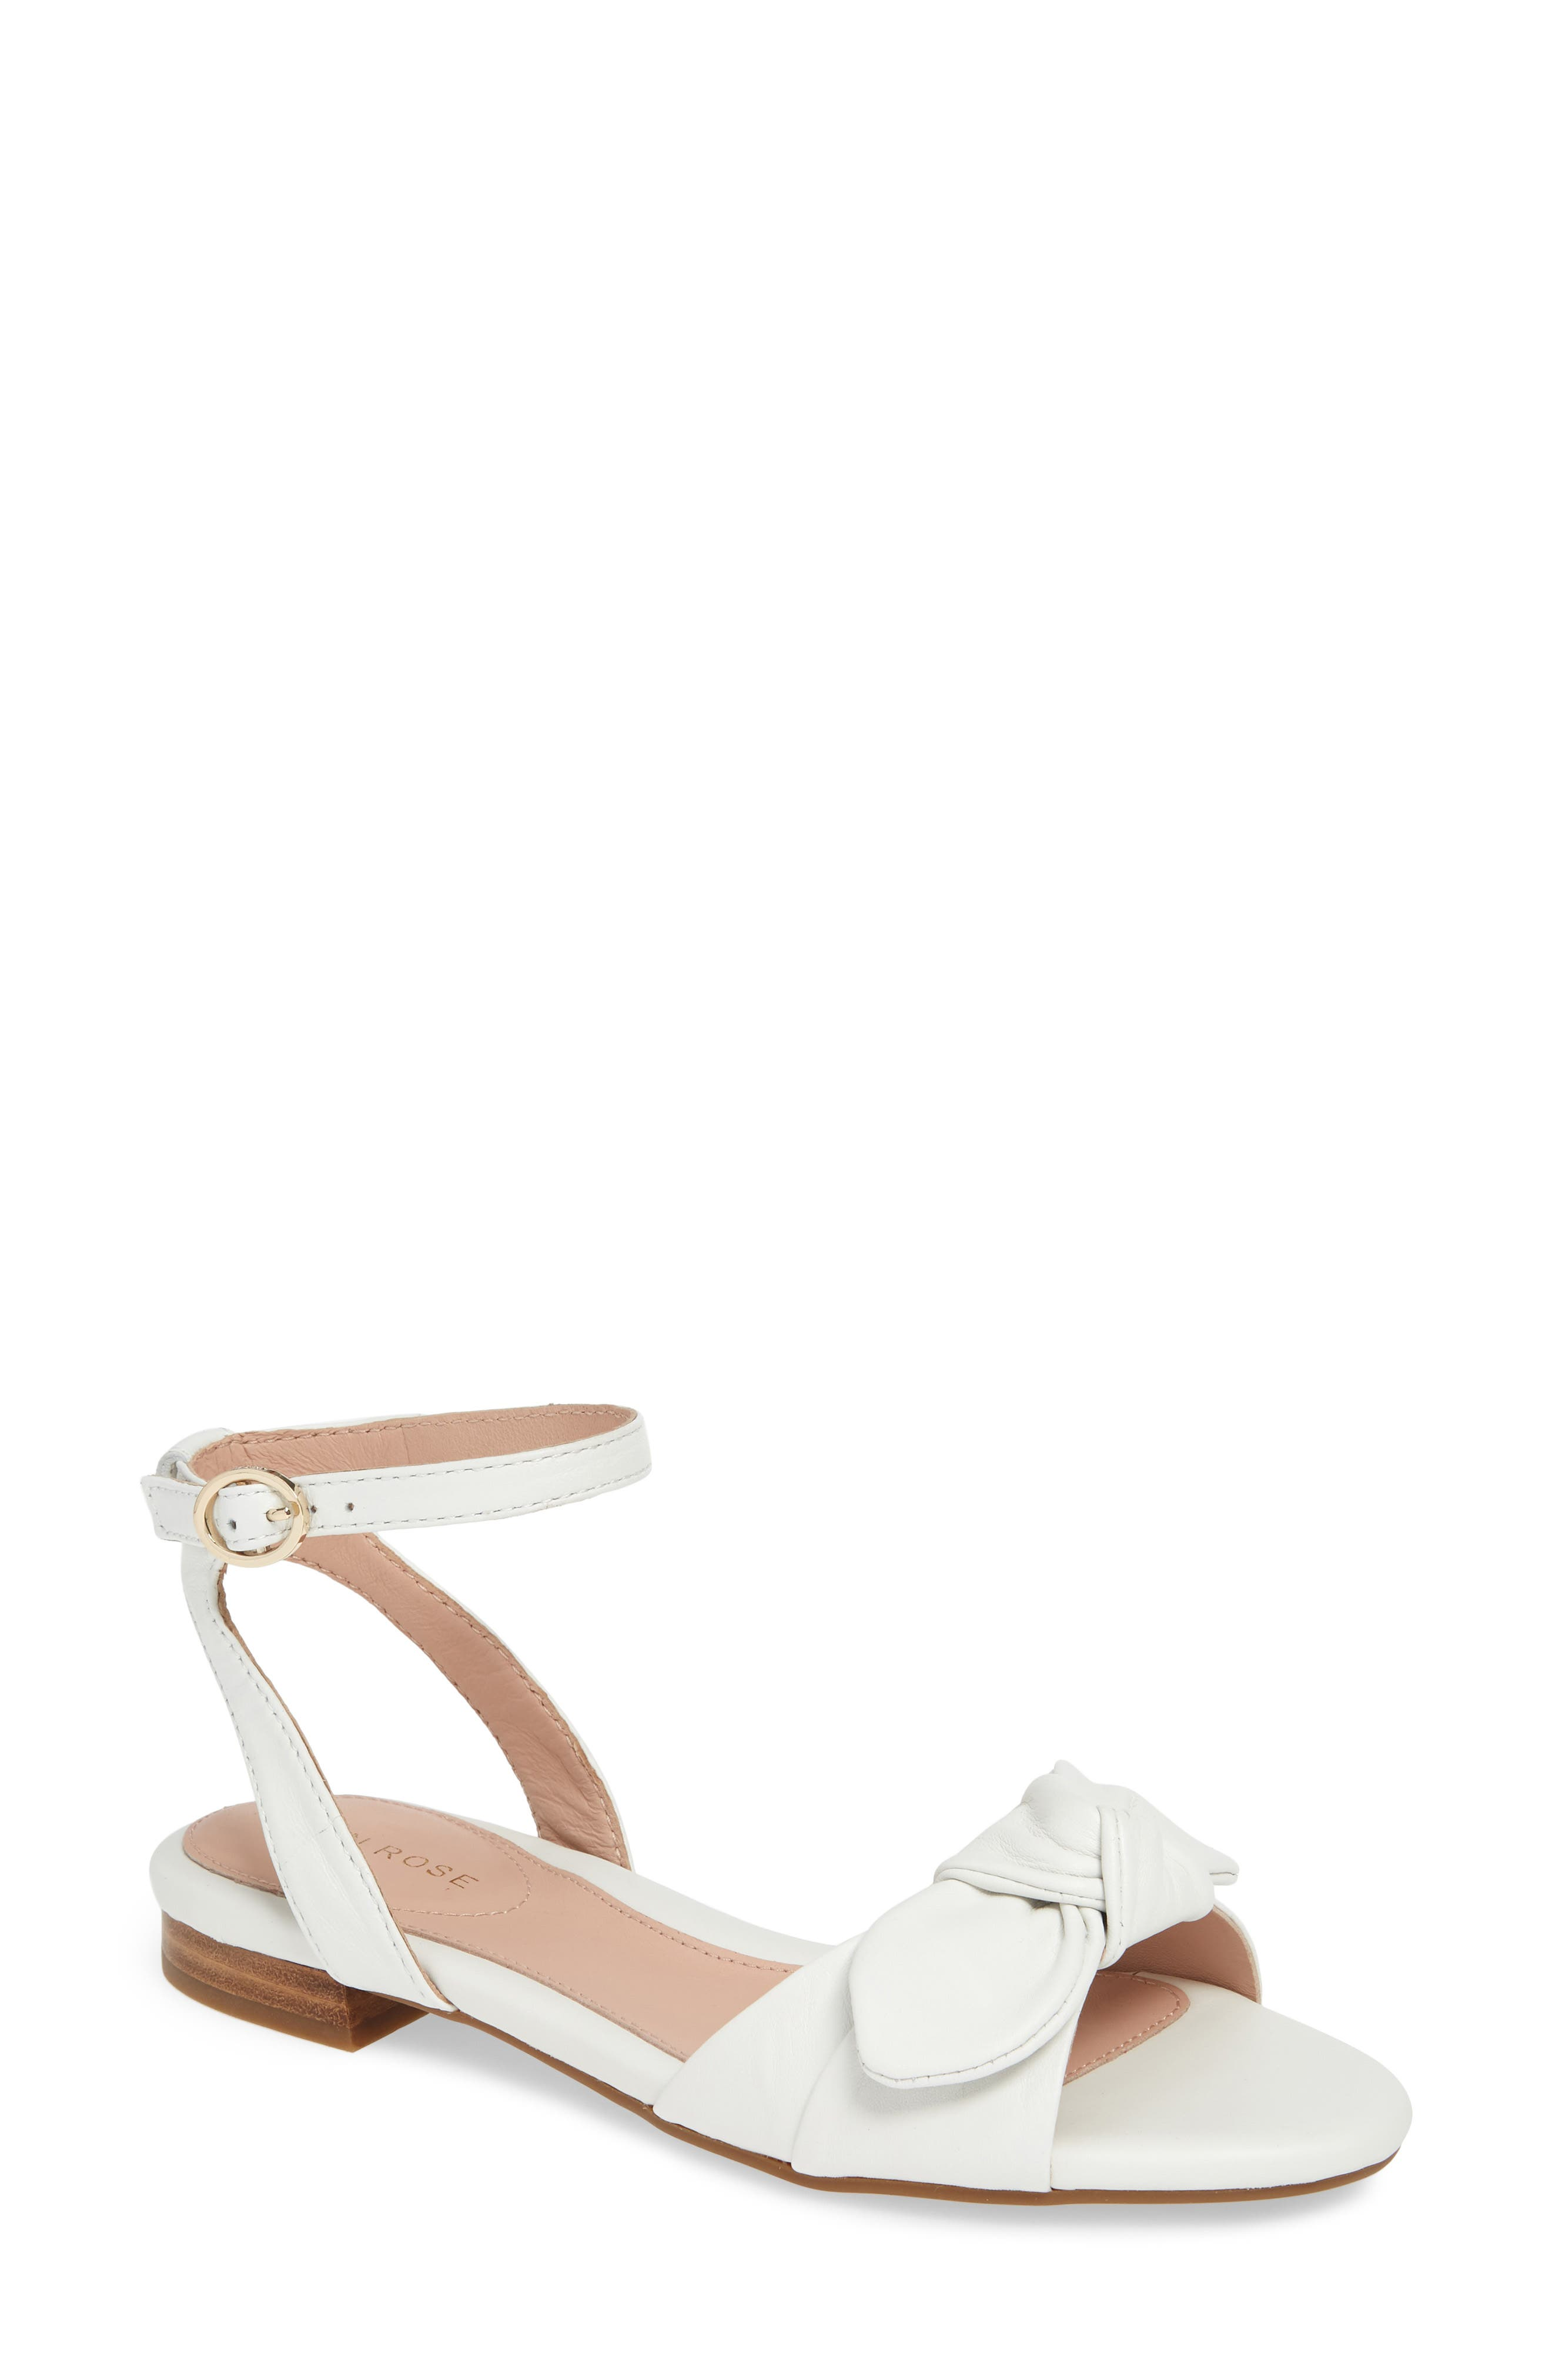 Taryn Rose Vivian Ankle Strap Sandal, White